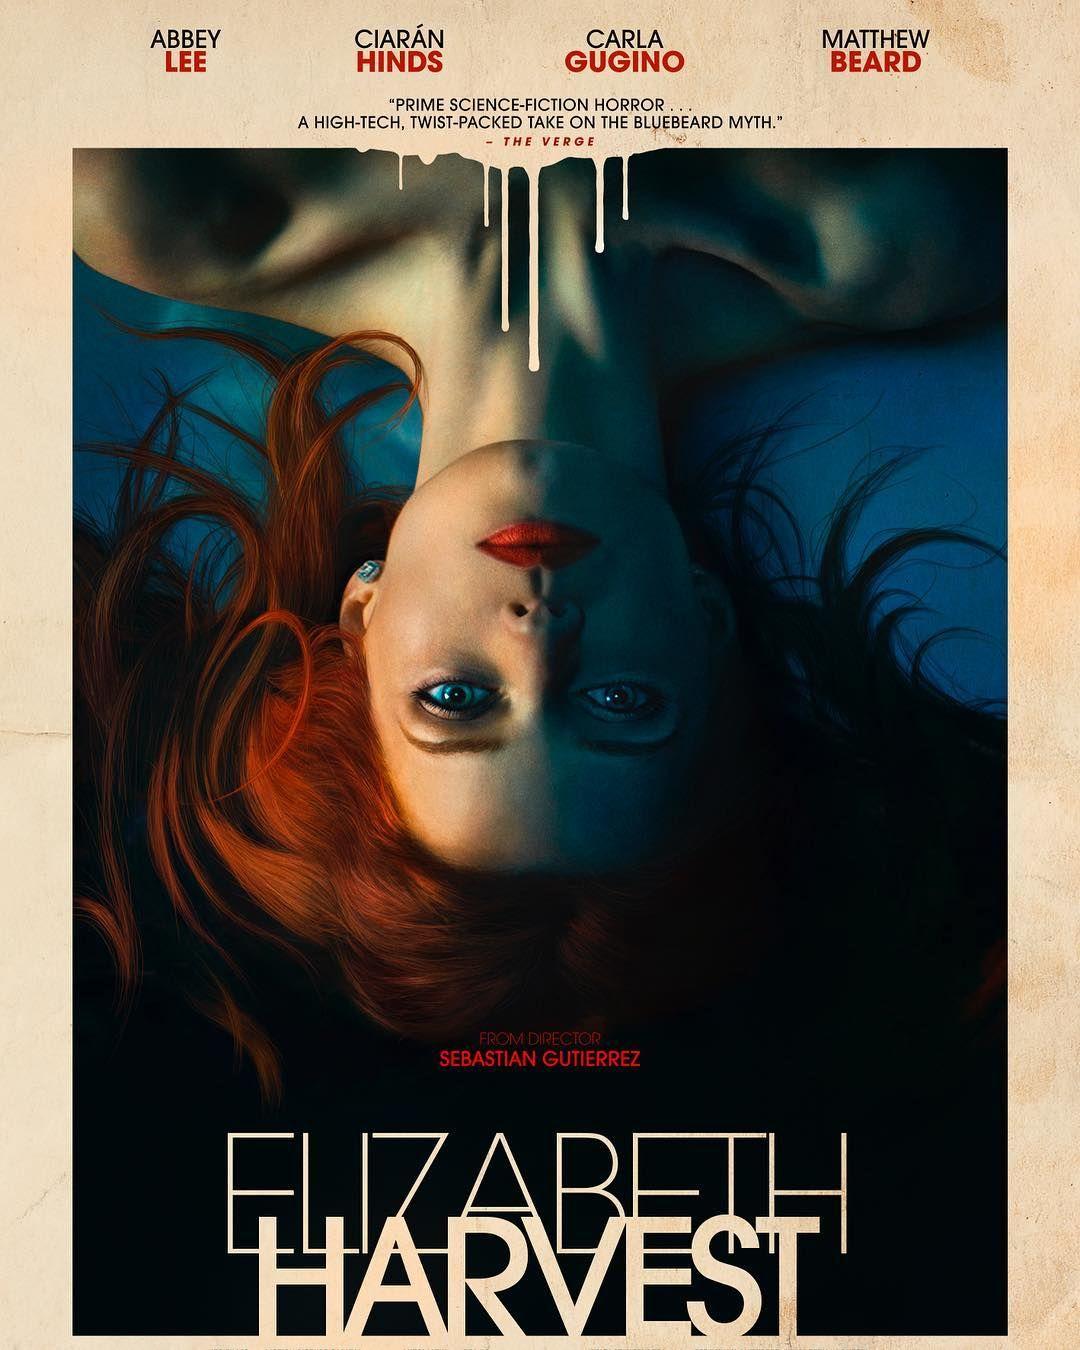 Elizabeth Harvest Poster Filme 2019 Filmes Cartaz